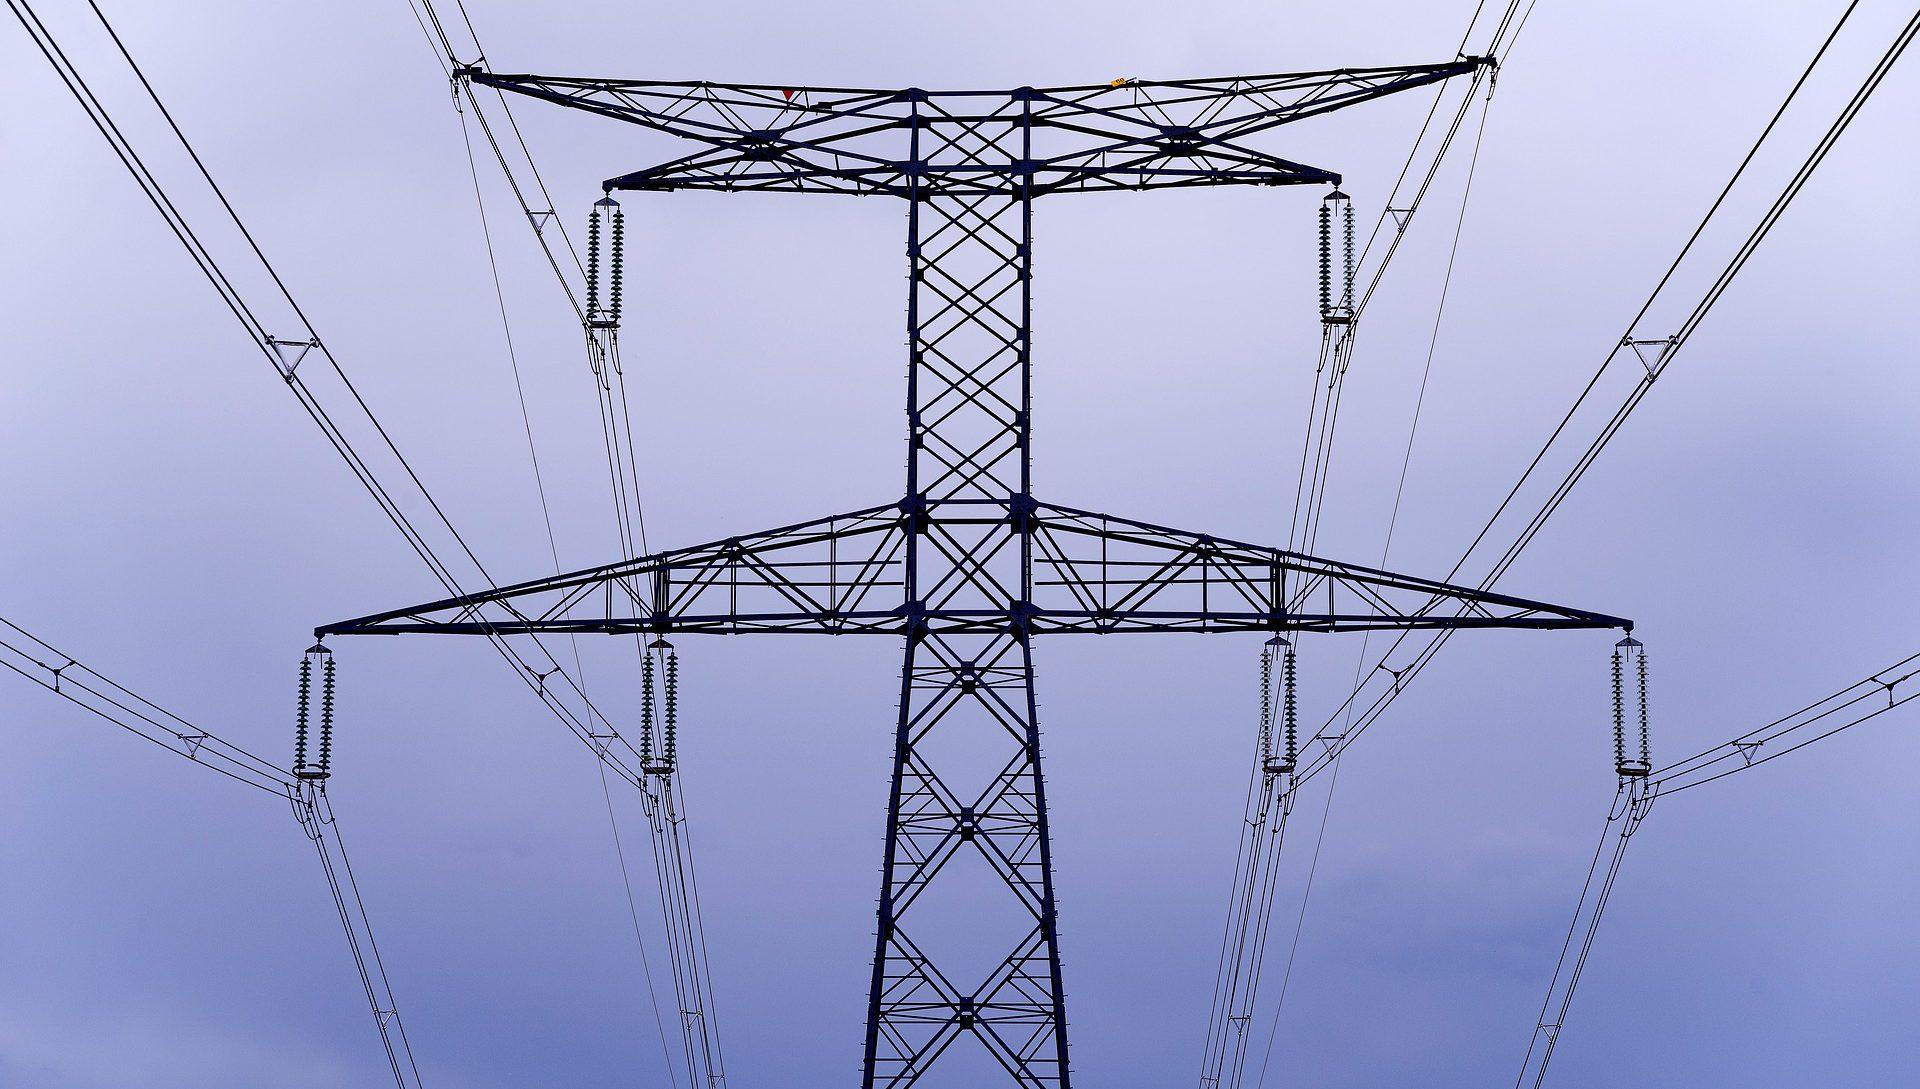 Estudo demonstra como melhorar a proteção da rede elétrica